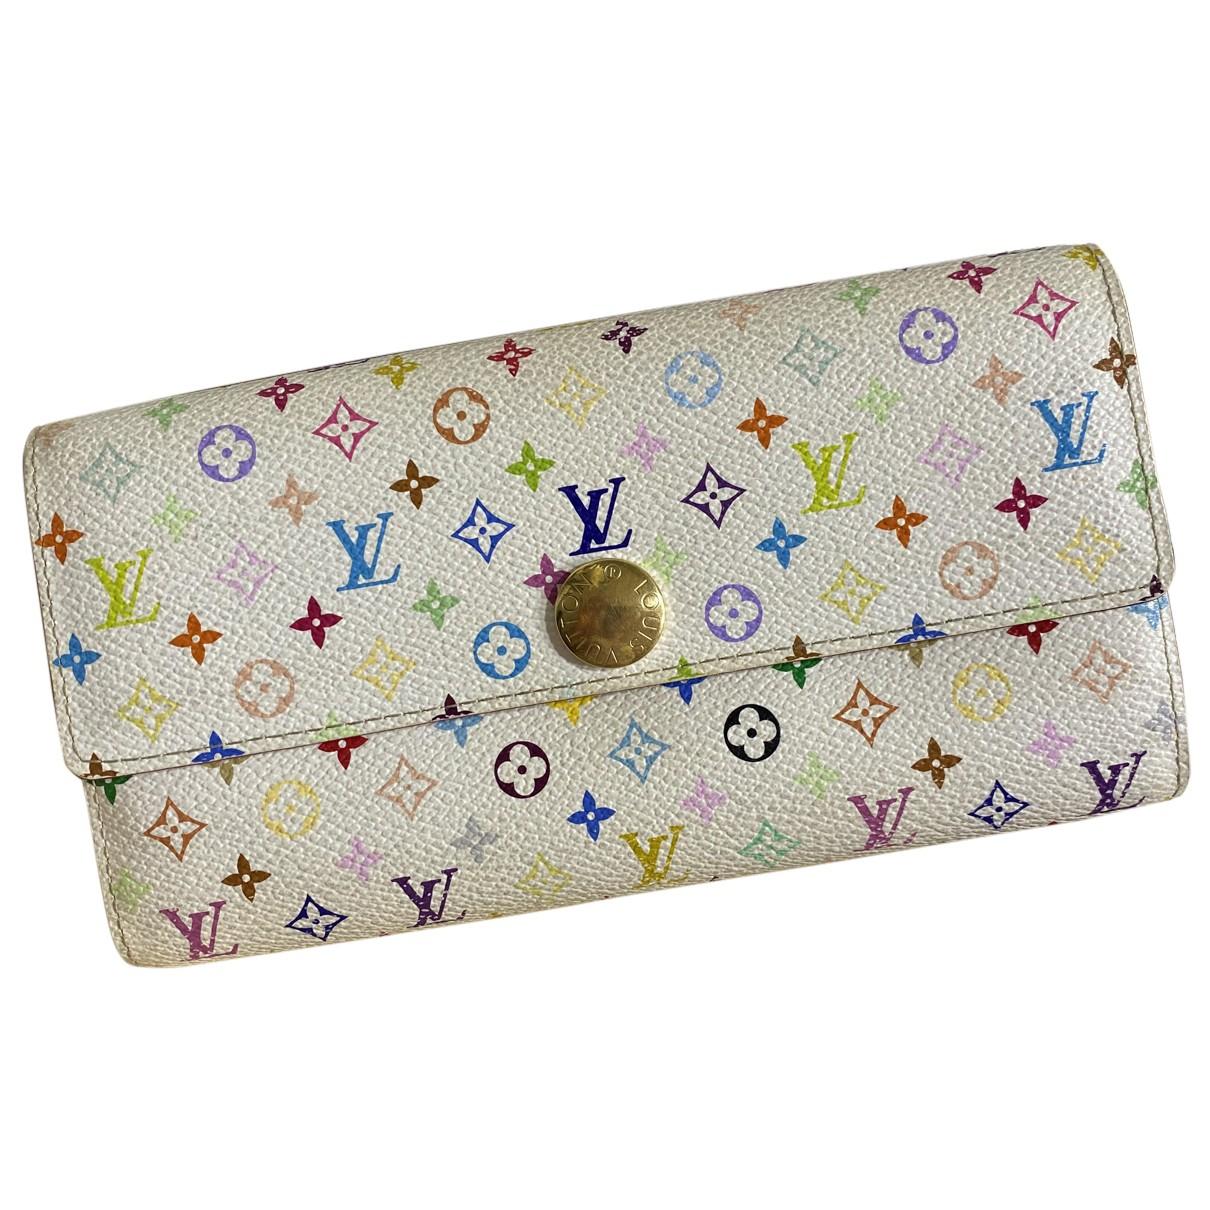 Louis Vuitton - Portefeuille   pour femme en cuir - multicolore